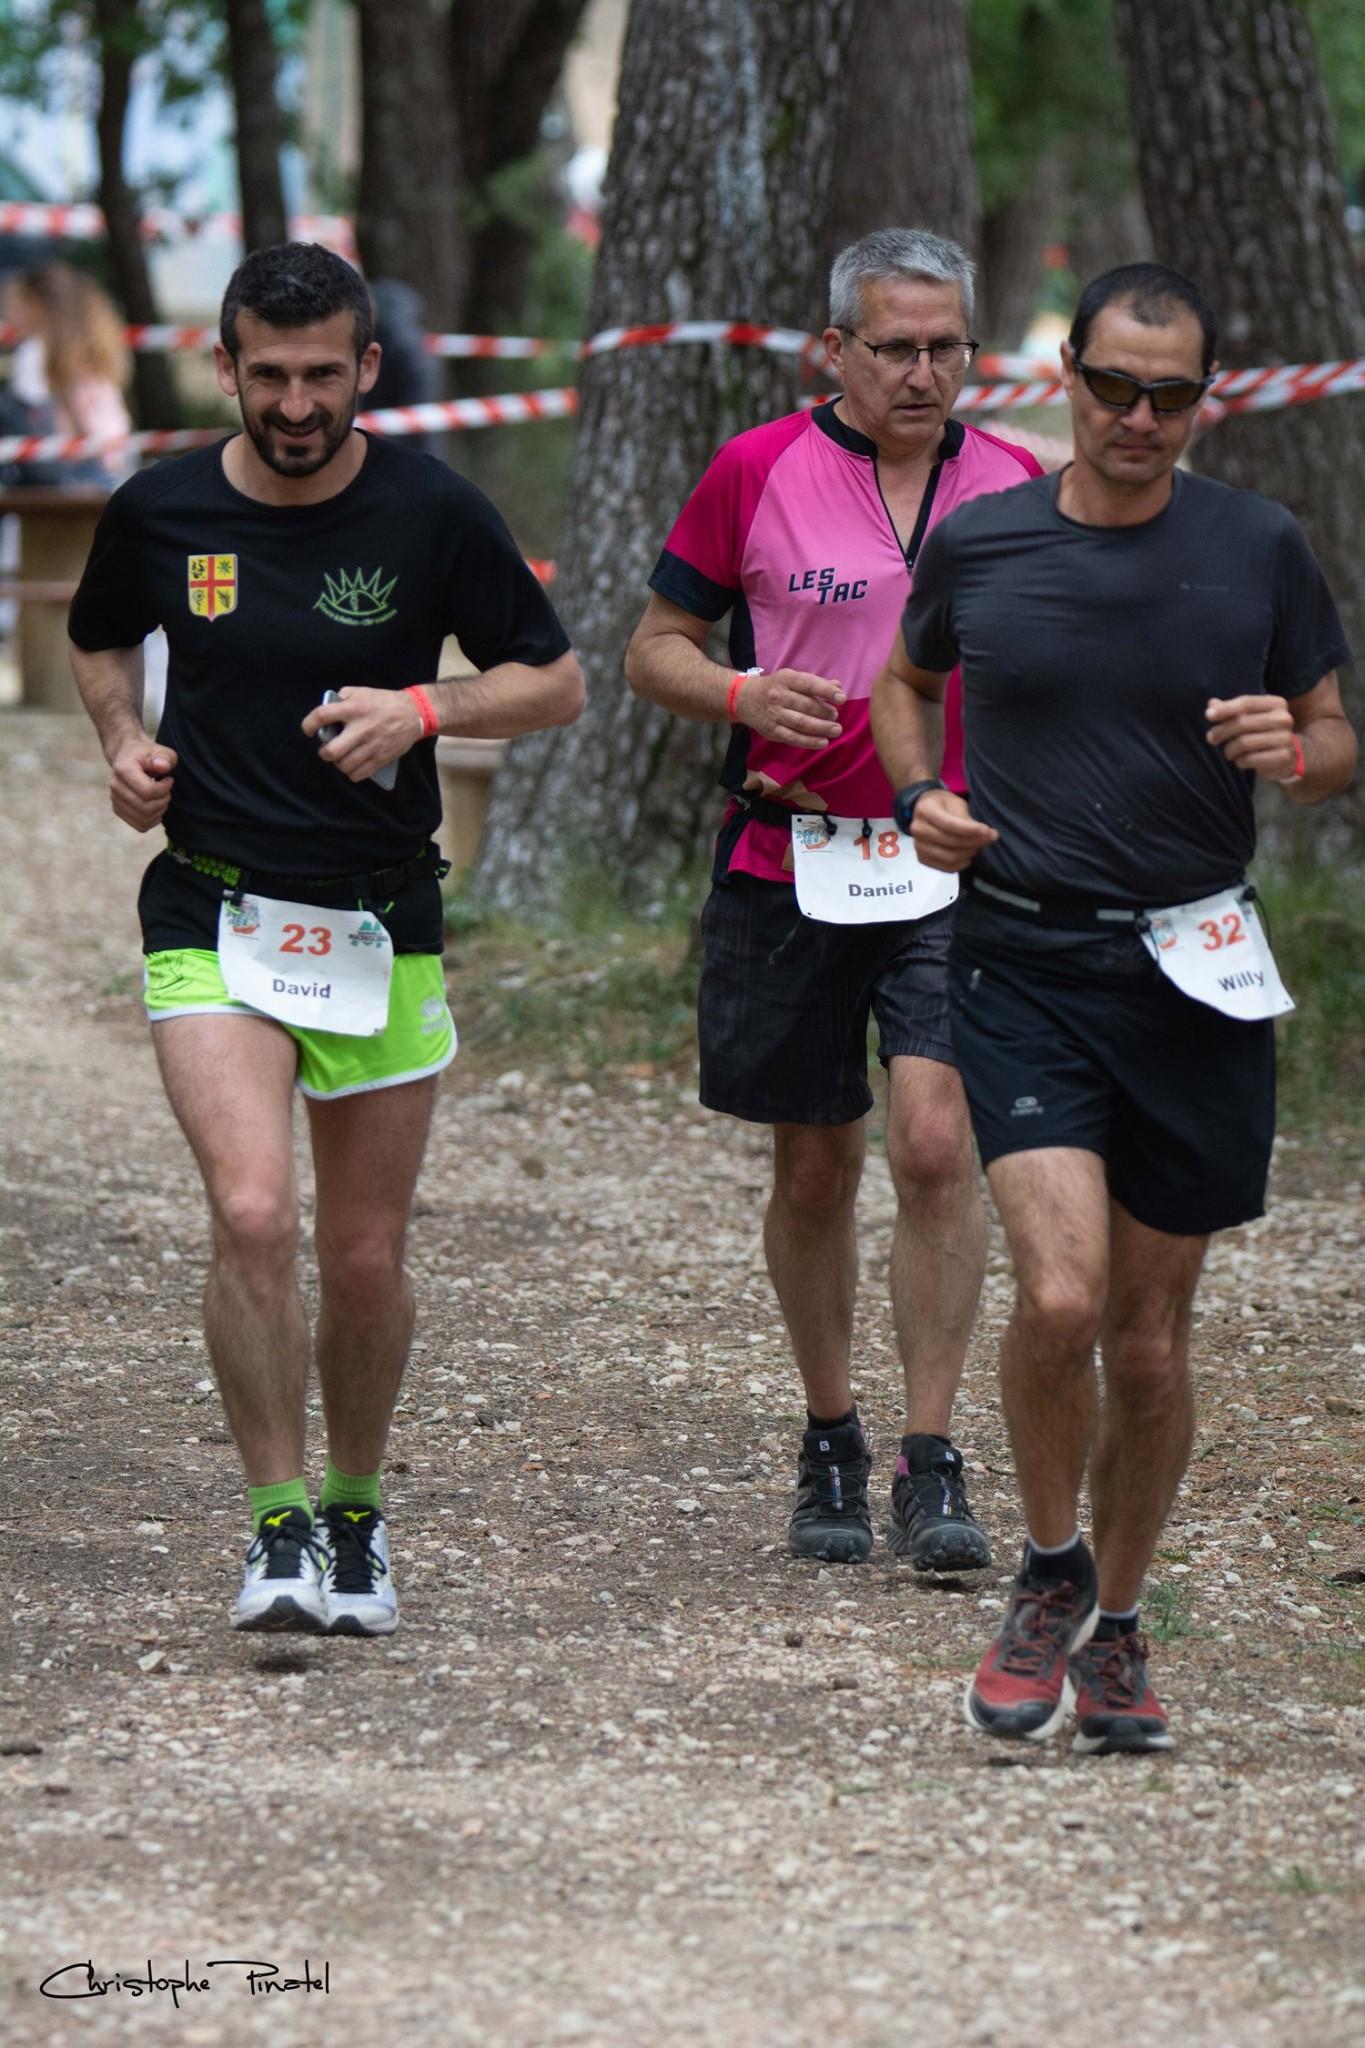 25-Daniel tente de suivre celui qui finira 1er (192kms!)